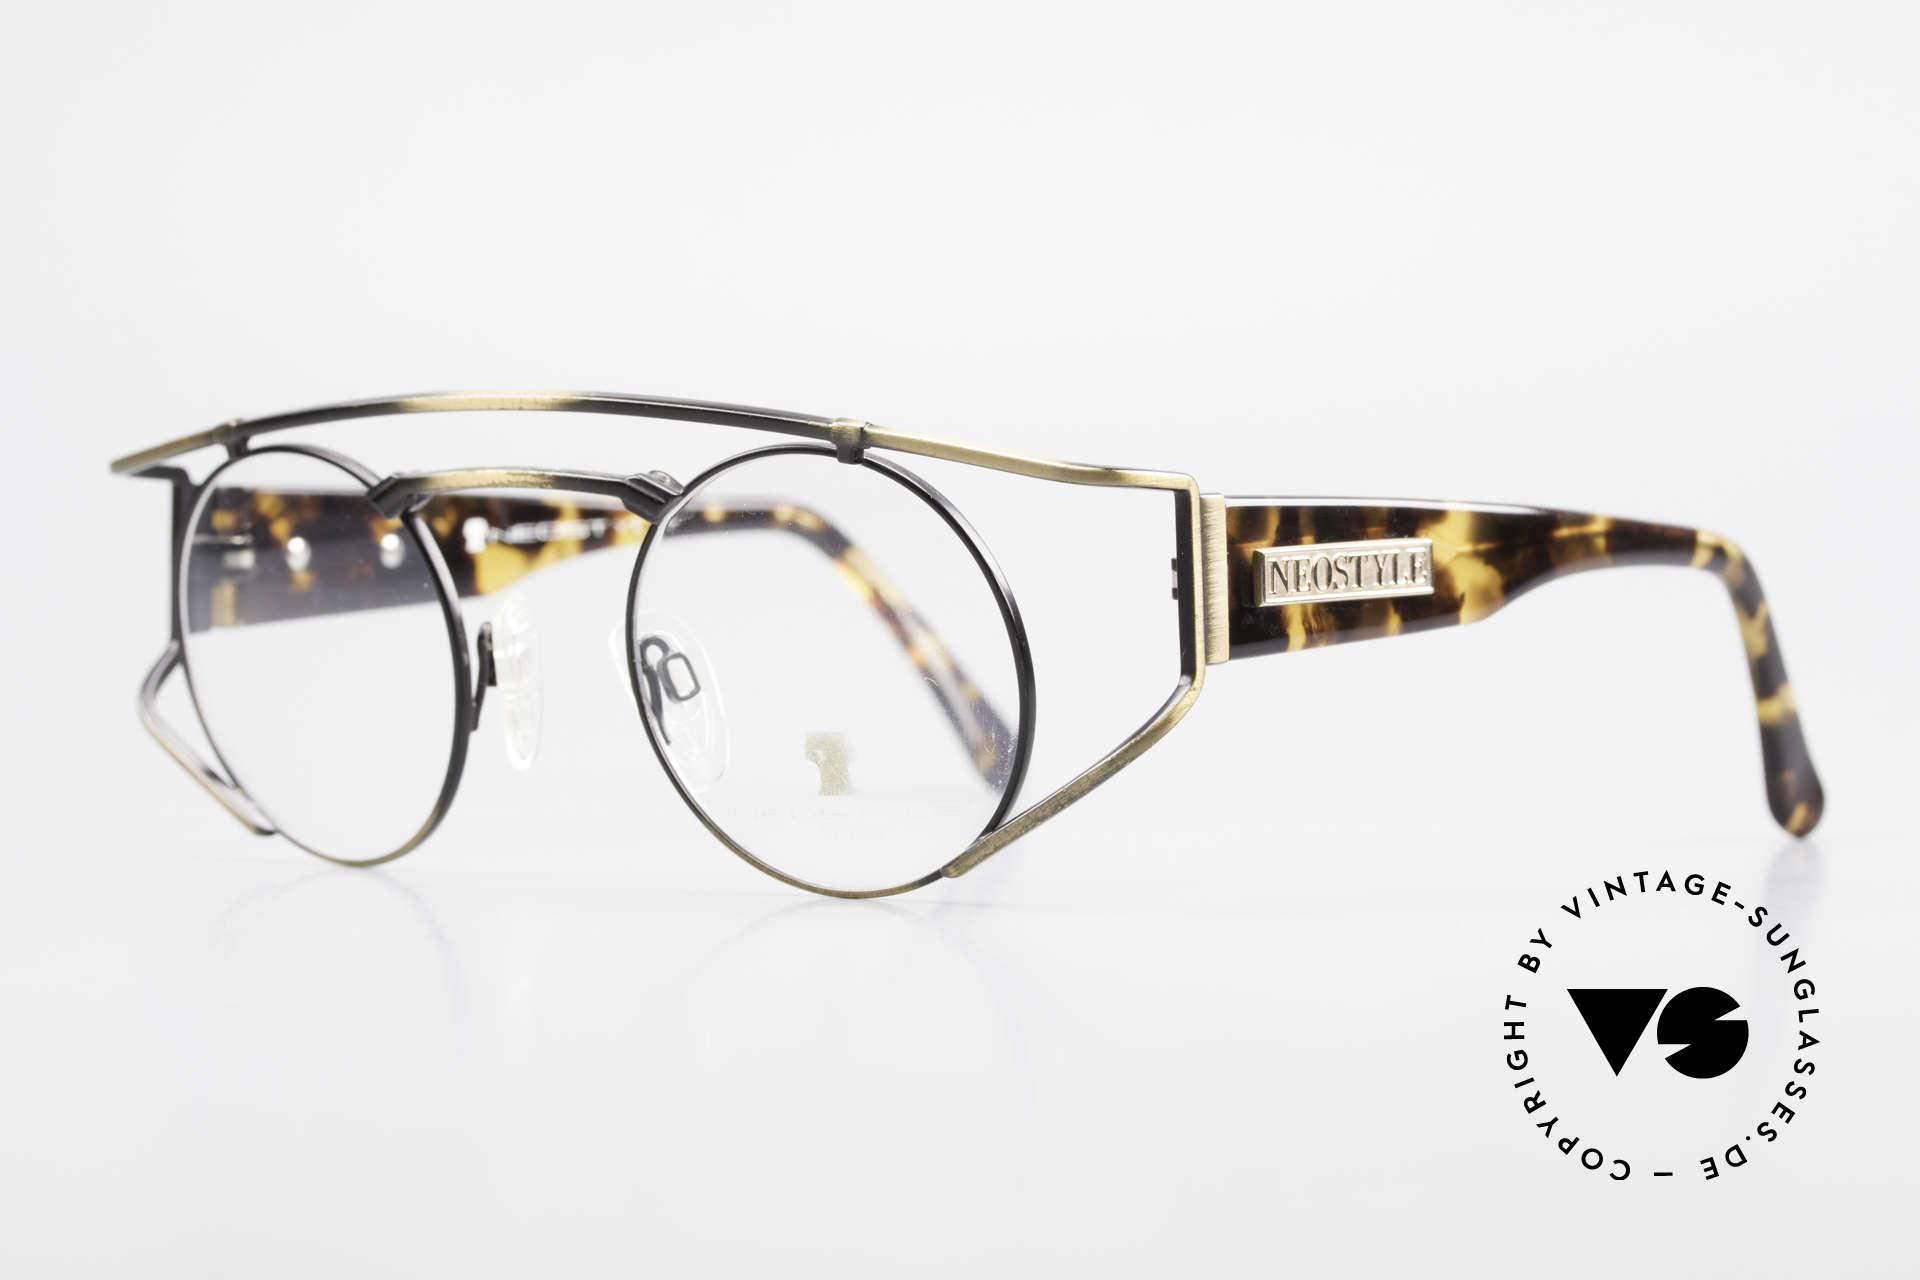 Neostyle Superstar 1 Steampunk Vintage Brille, gelb-bräunlicher Farbton in einer Art 'camouflage', Passend für Herren und Damen